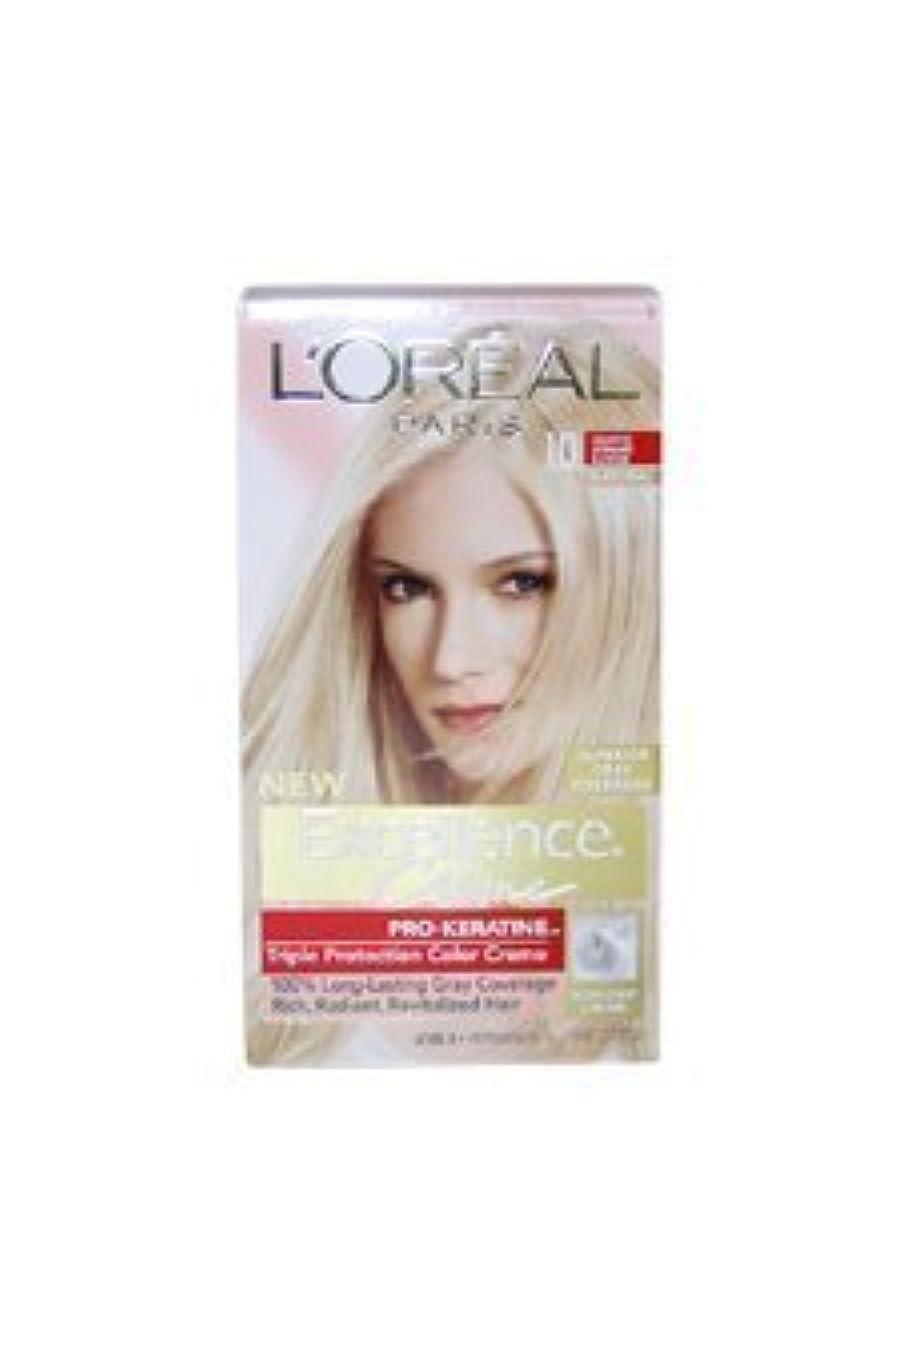 落花生代理店軍Excellence Creme Pro - Keratine 10 Light Ultimate Blonde - Natural by L'Oreal - 1 Application Hair Color by L'Oreal...